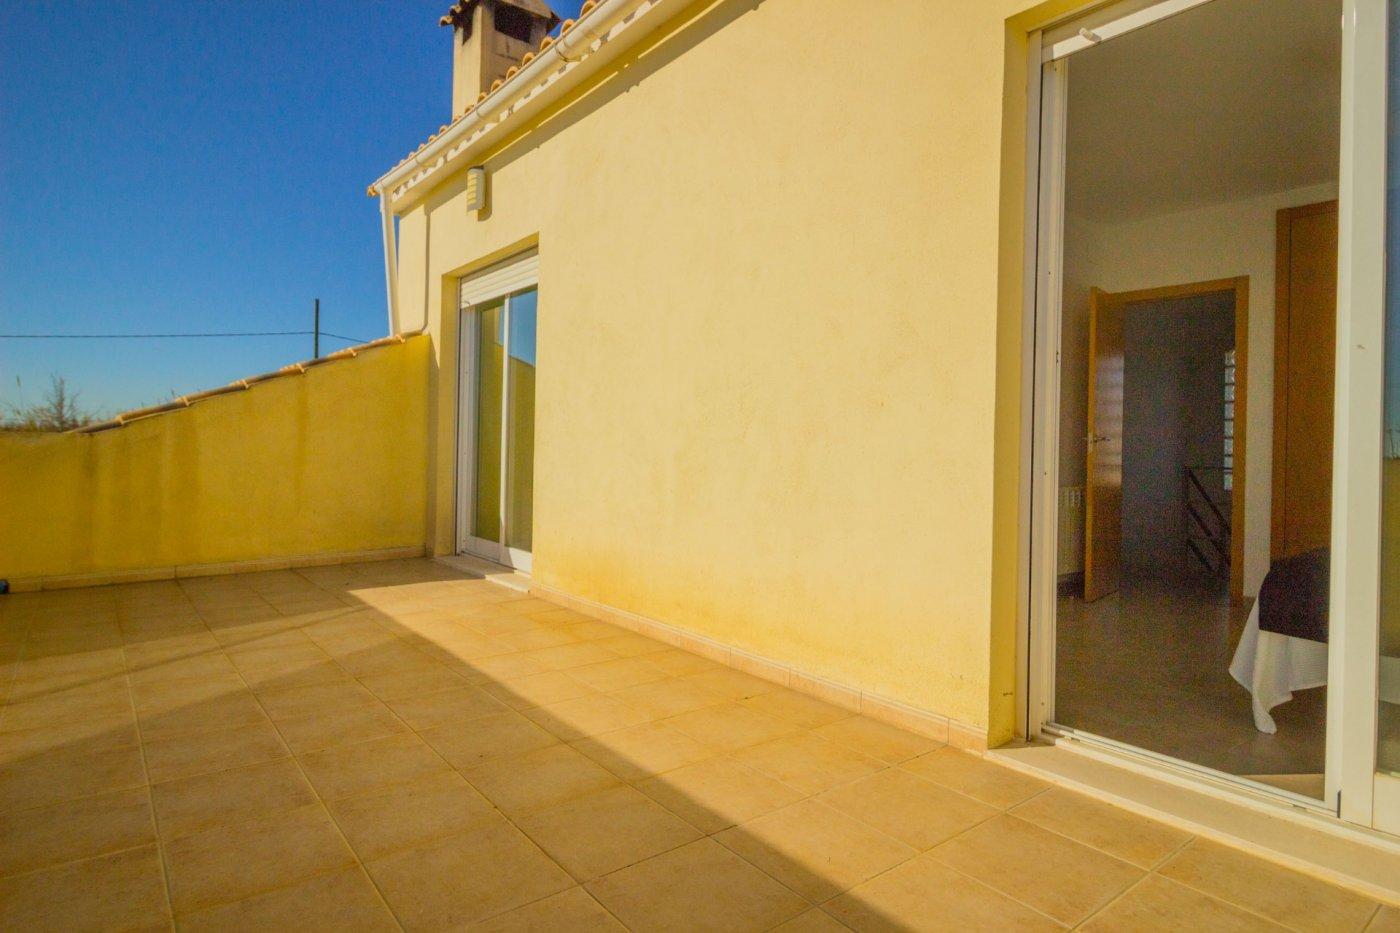 Villa de capricho en la marjalería - imagenInmueble23